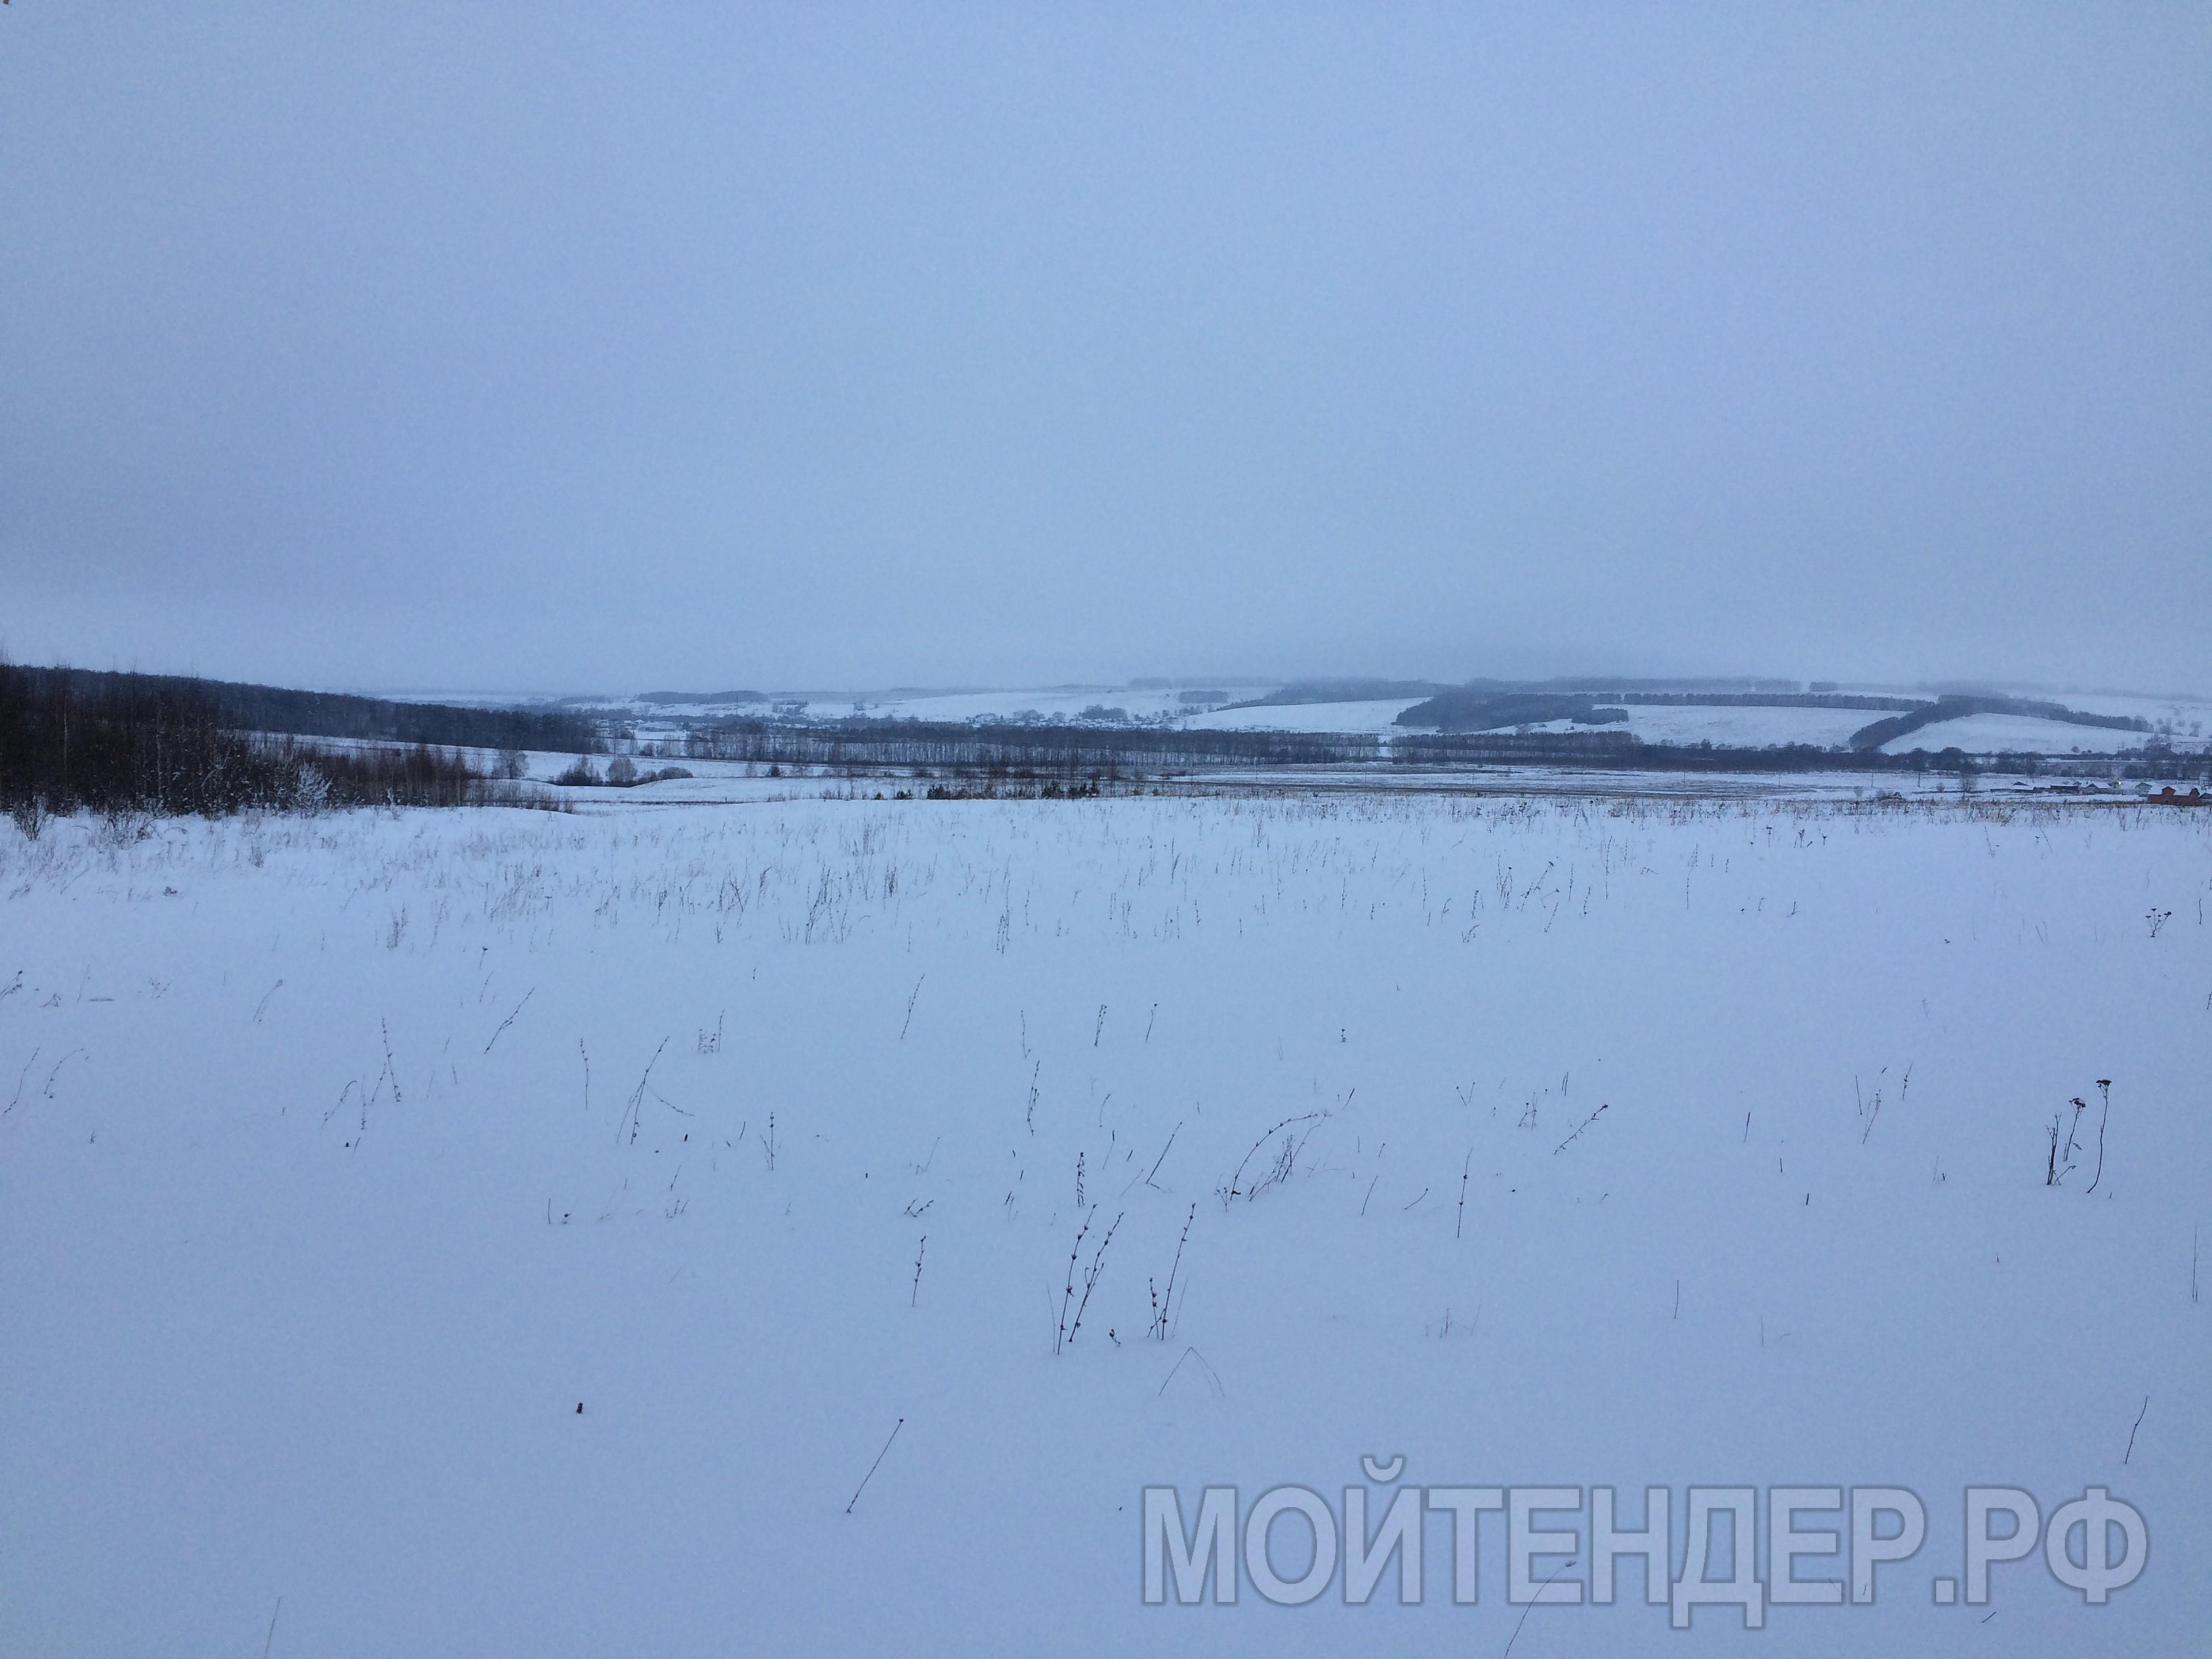 Мойтендер.рф-576-16-11267: Фото 2